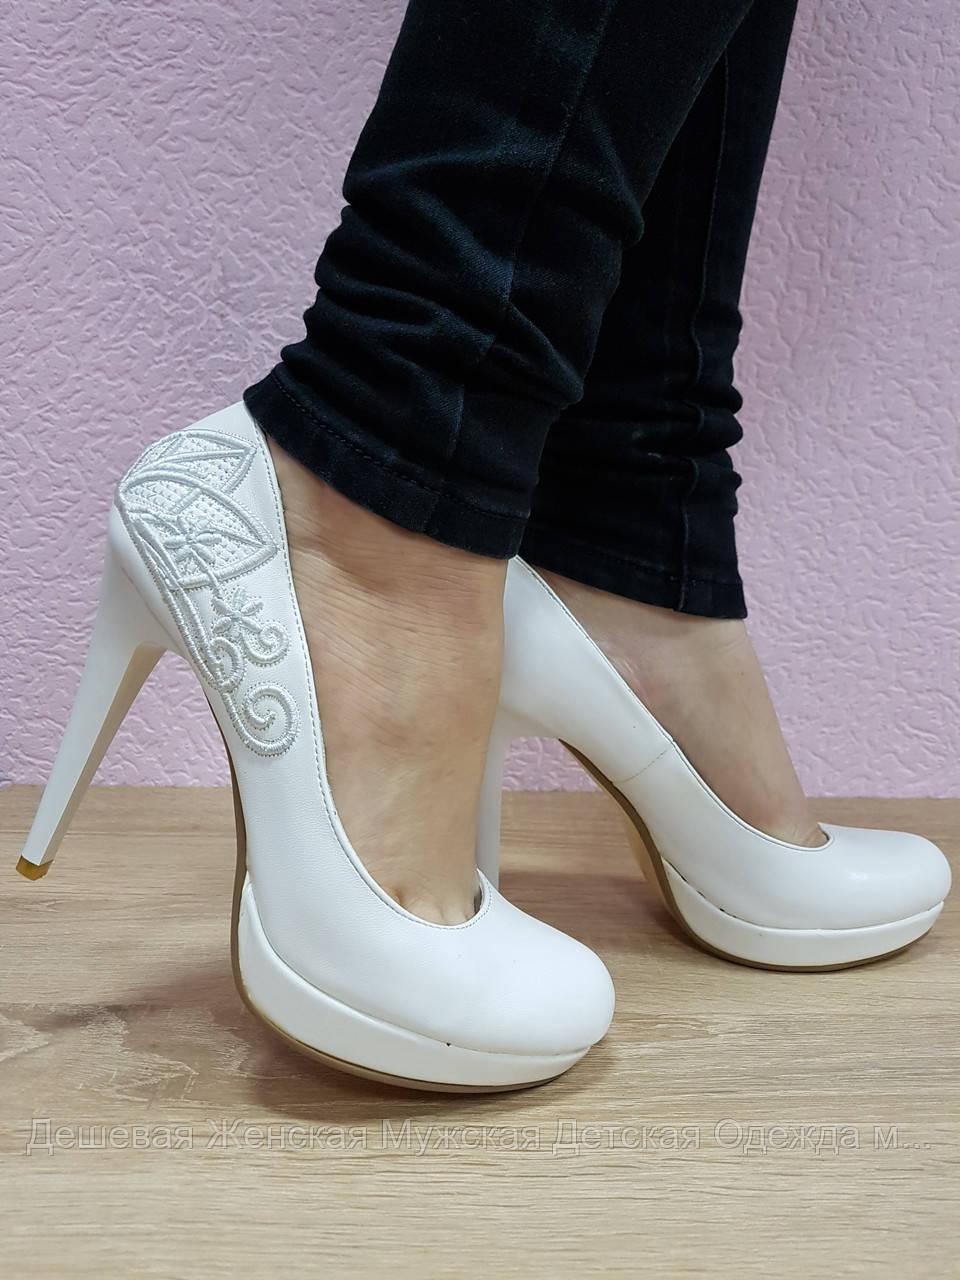 Жіночі туфлі. 8 пар в ящику. Розміри 35-40. Повтори 37,38